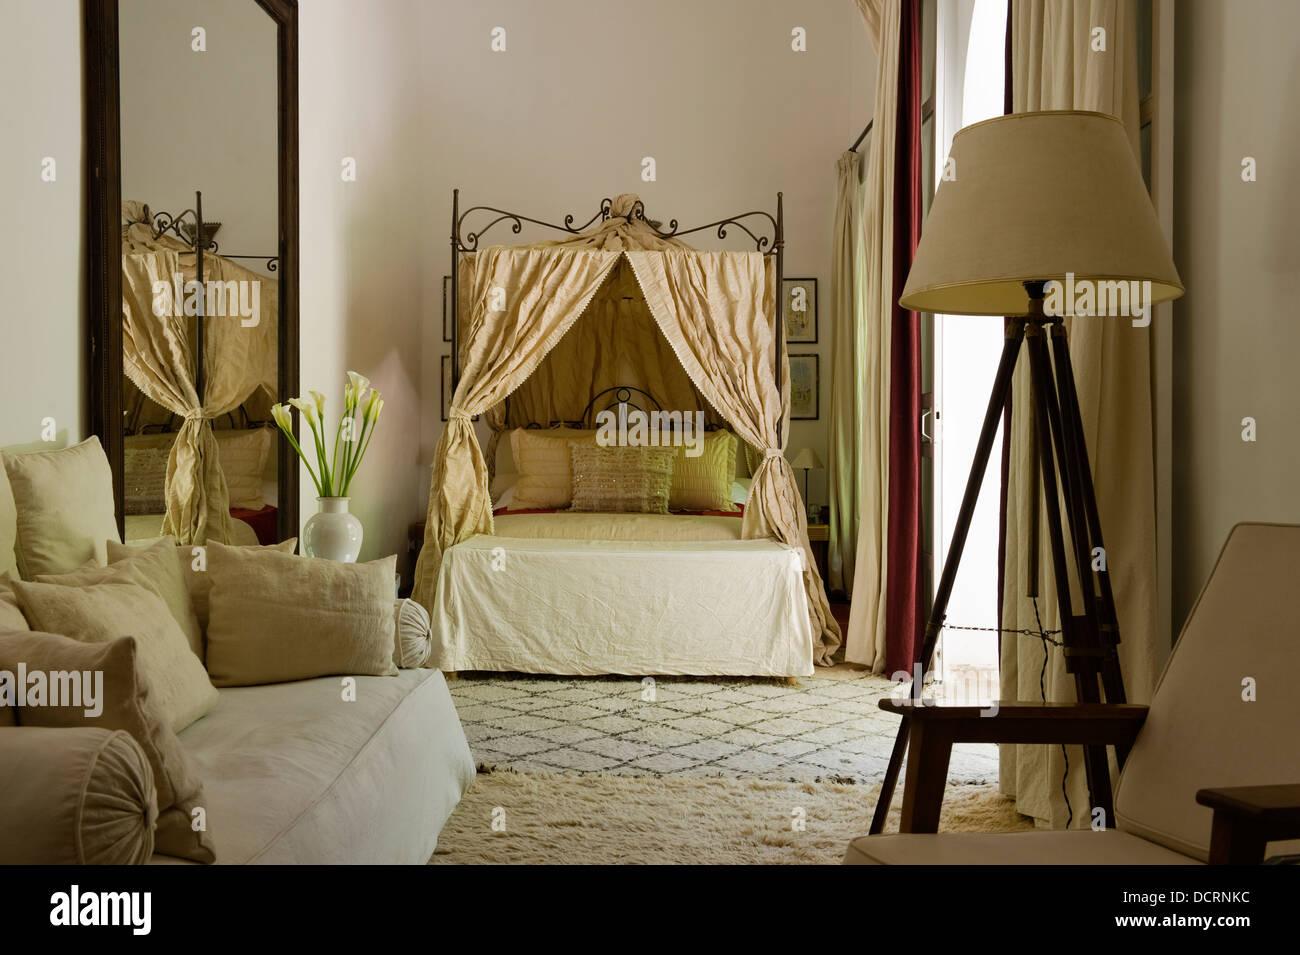 Camera Da Letto Stile Marocco : Stile marocchino camera da letto con tessuti di folle foto